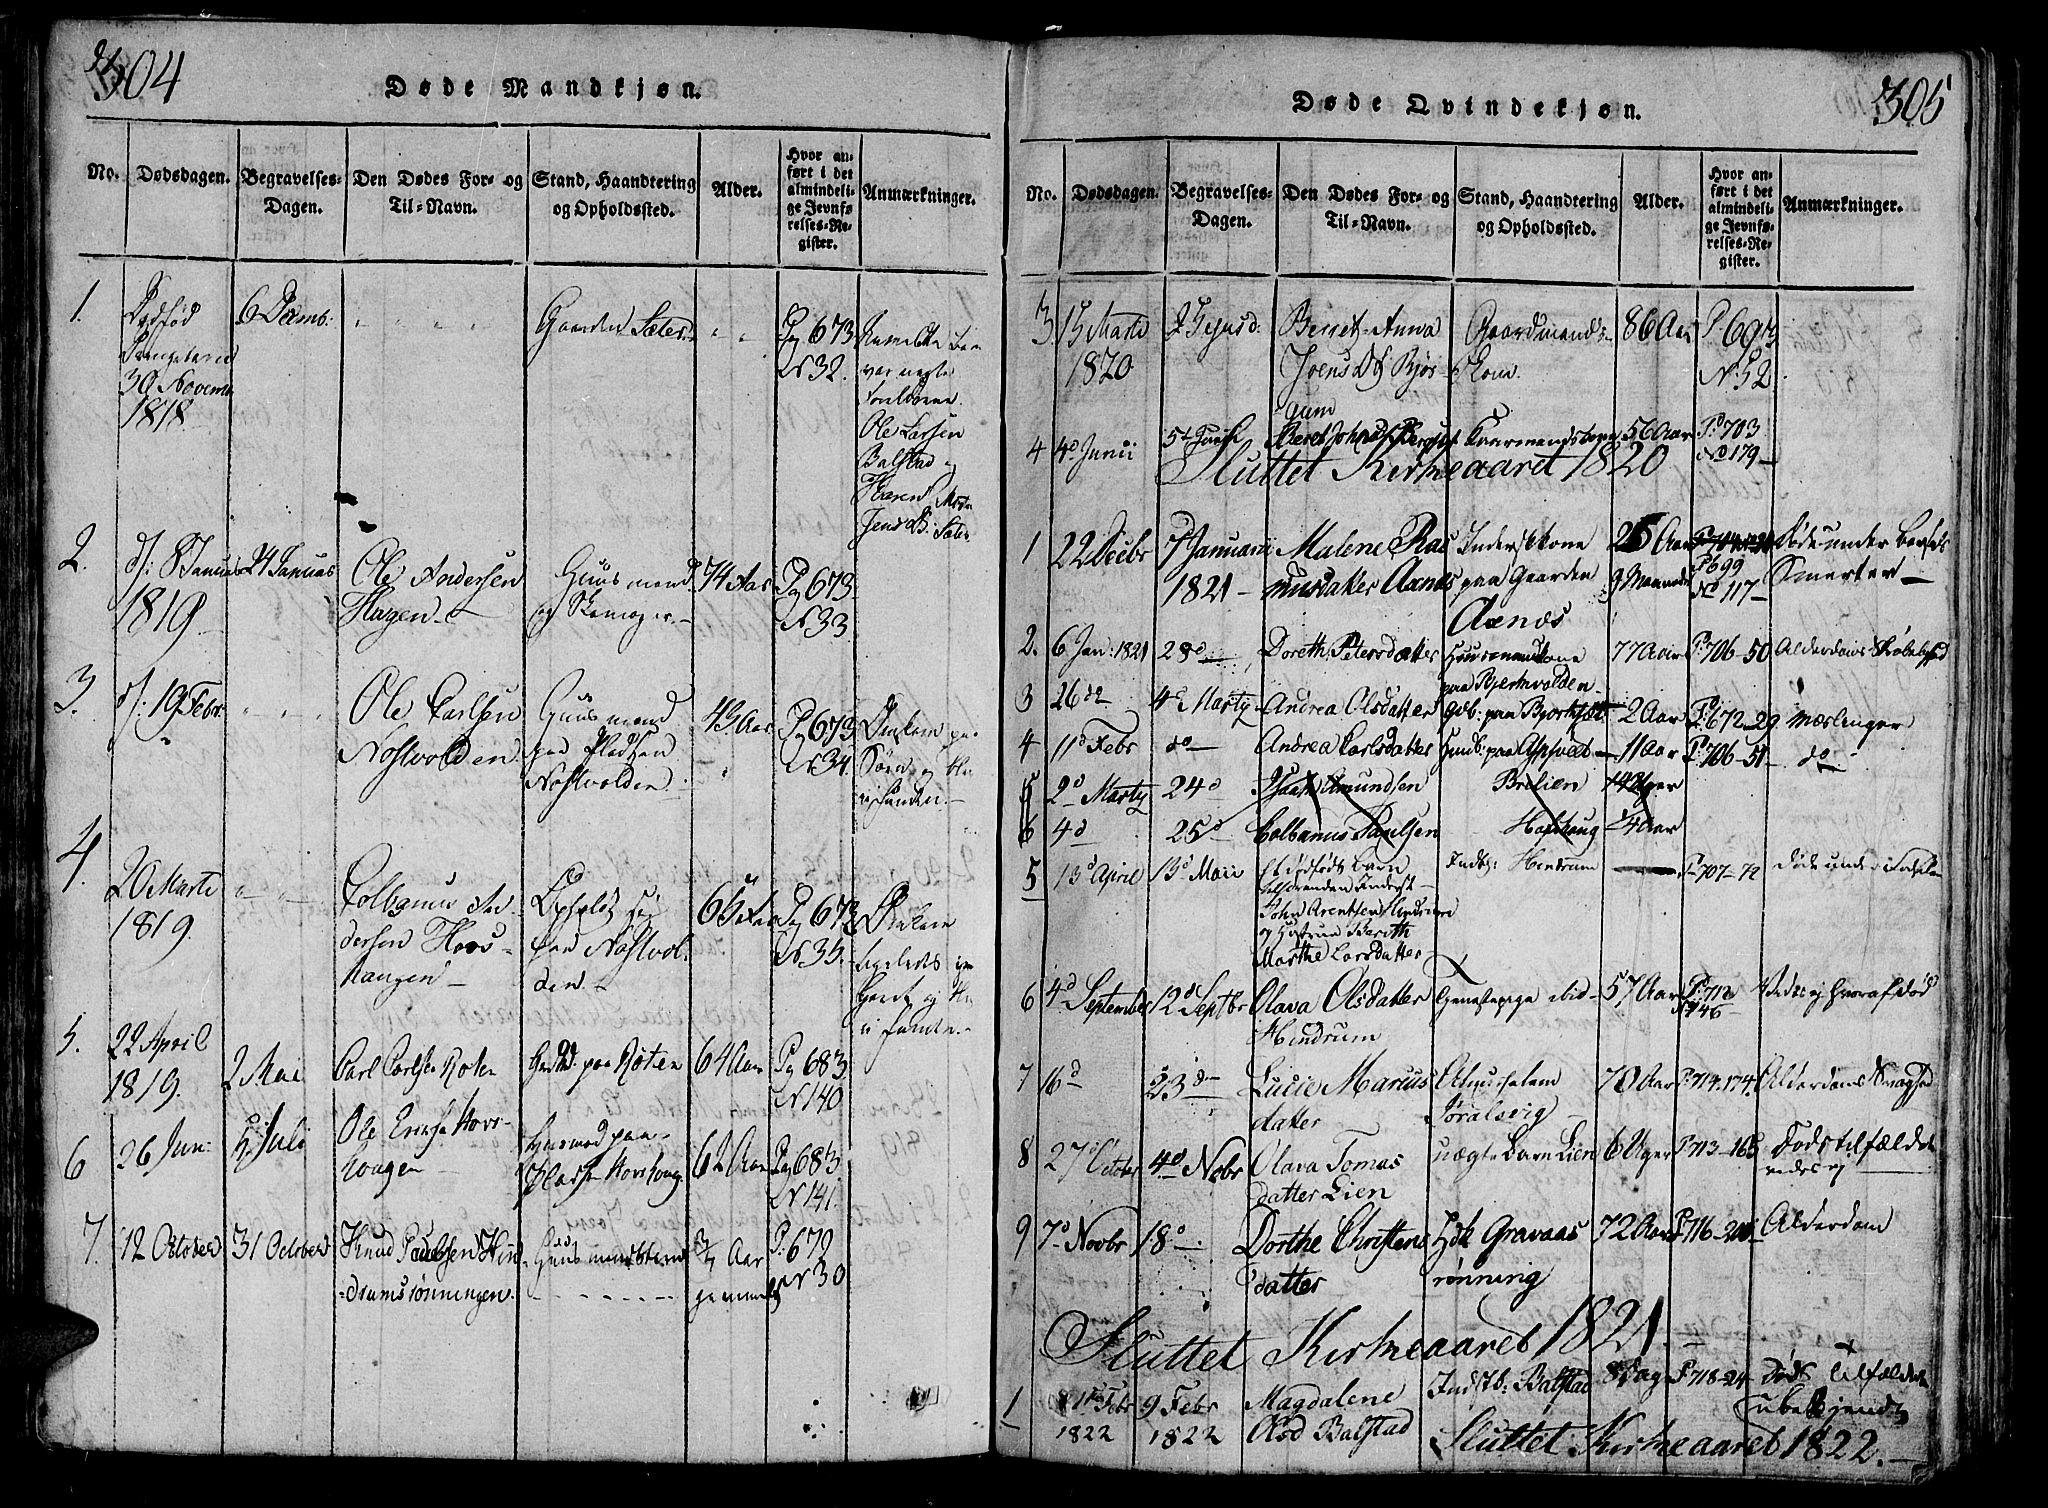 SAT, Ministerialprotokoller, klokkerbøker og fødselsregistre - Nord-Trøndelag, 701/L0005: Ministerialbok nr. 701A05 /2, 1816-1825, s. 304-305